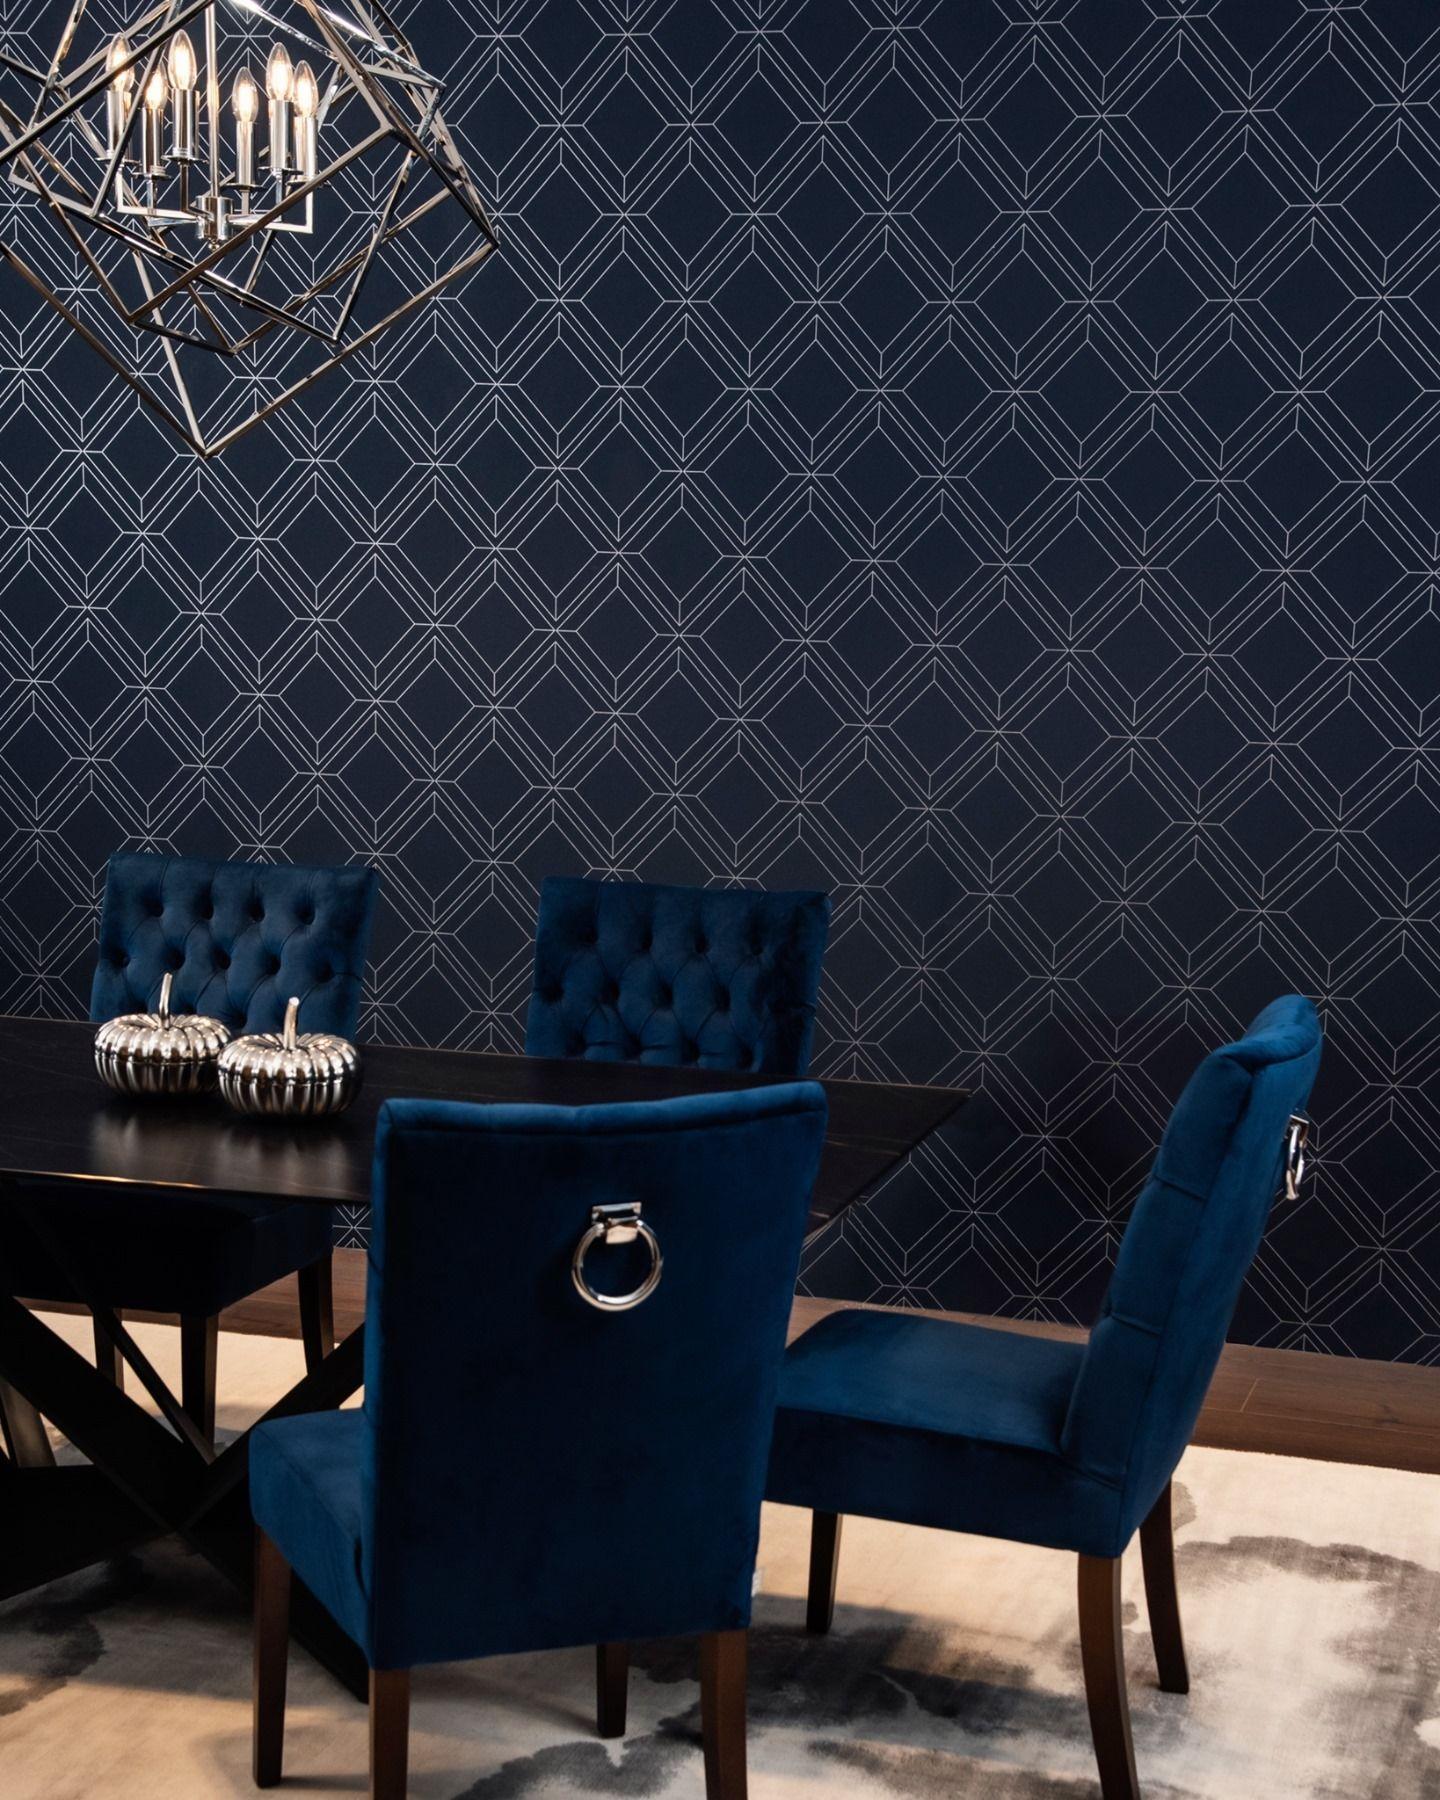 اختر المظهر الذي تريد اضافته لغرفتك من خلال مجموعة كبيرة من ورق الحائط في متاجرنا و موقعنا الالكتروني Choose The At Luxury Home Furniture Home Decor Furniture